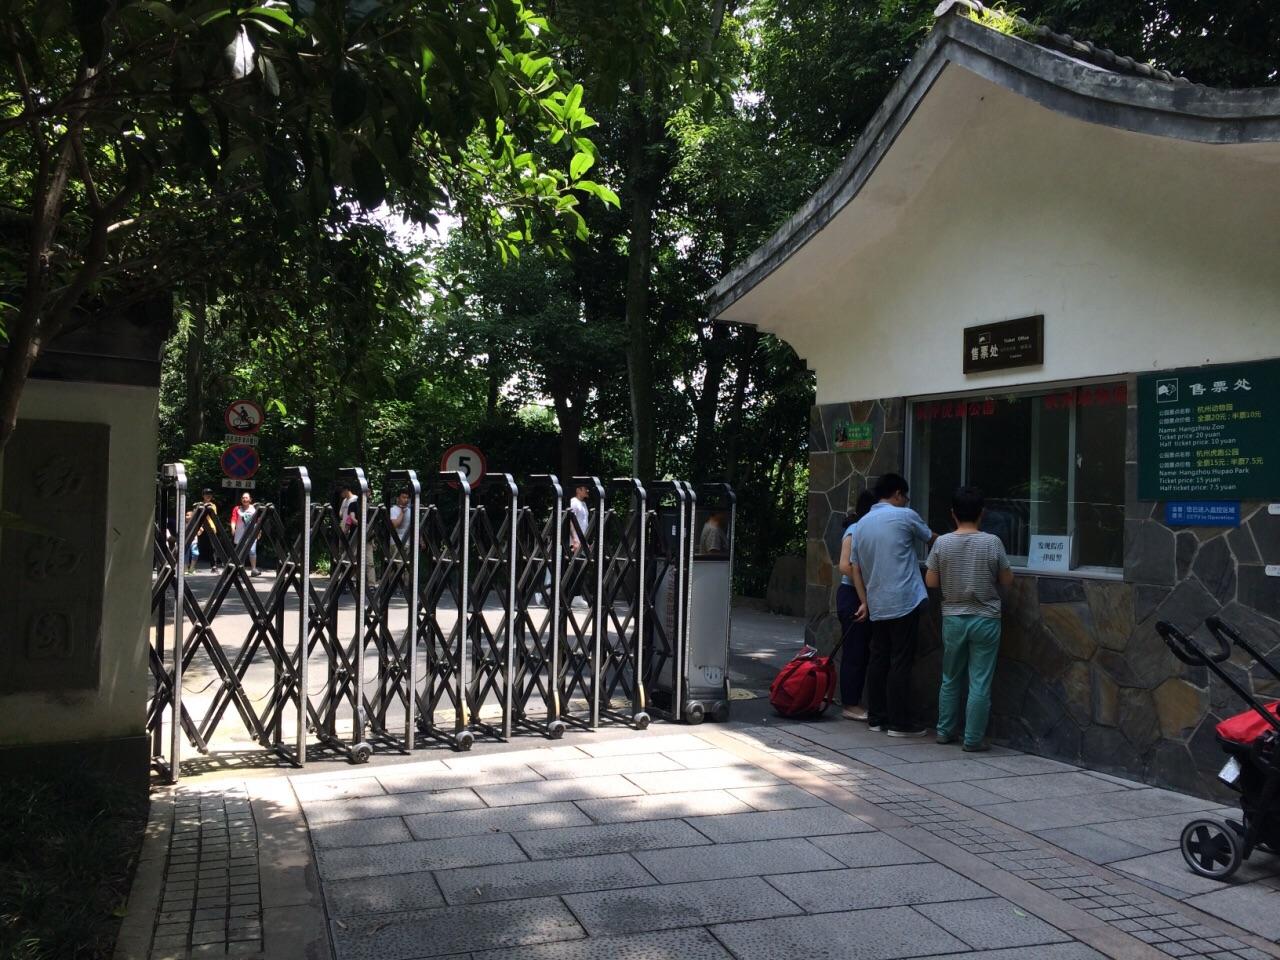 杭州动物园就在虎跑公园旁边,从虎跑公园里面有个出口可以到达动物园